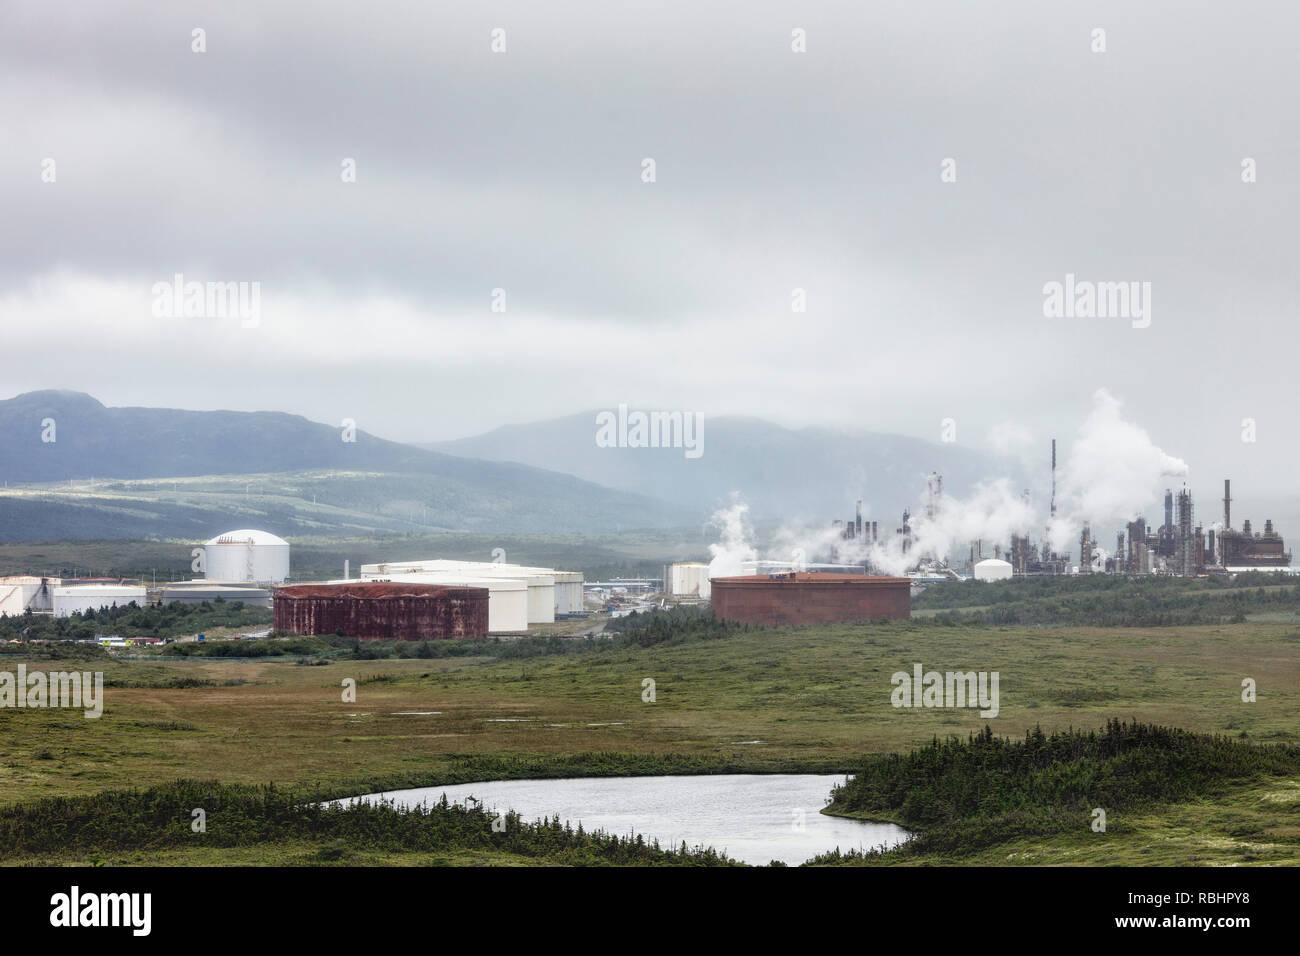 Venite a caso / Arnold's Cove, Terranova, Canada - Agosto 17, 2018: Il Nord Atlantico raffineria di petrolio al di fuori della città di venire dalla possibilità e Arnold Immagini Stock